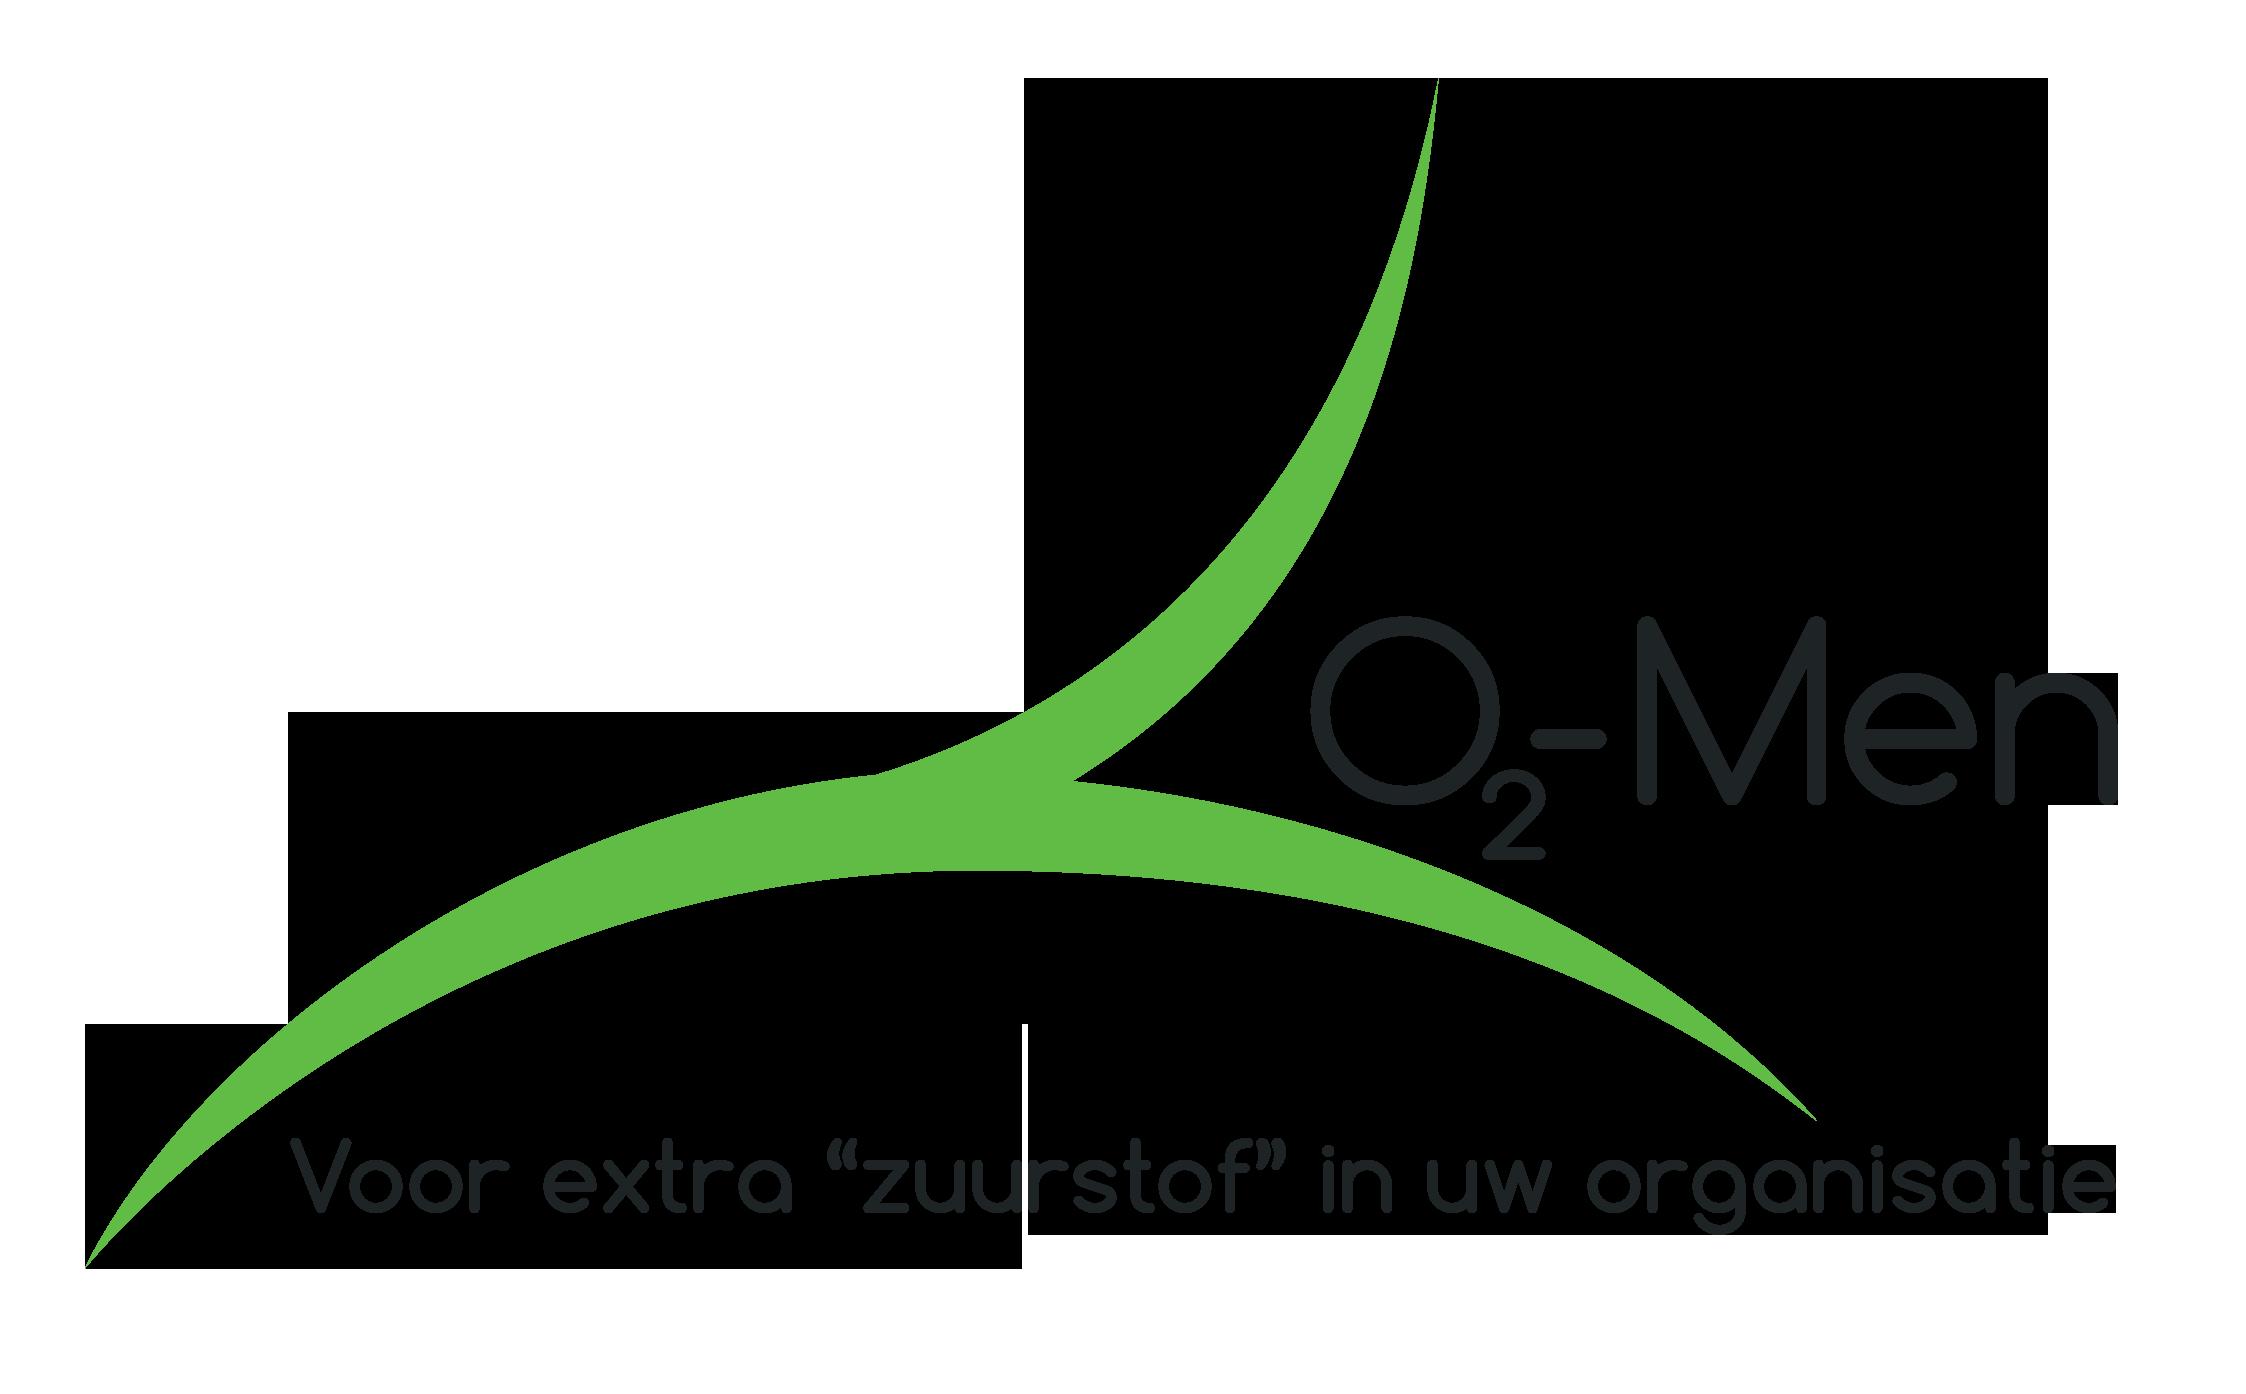 O2-Men